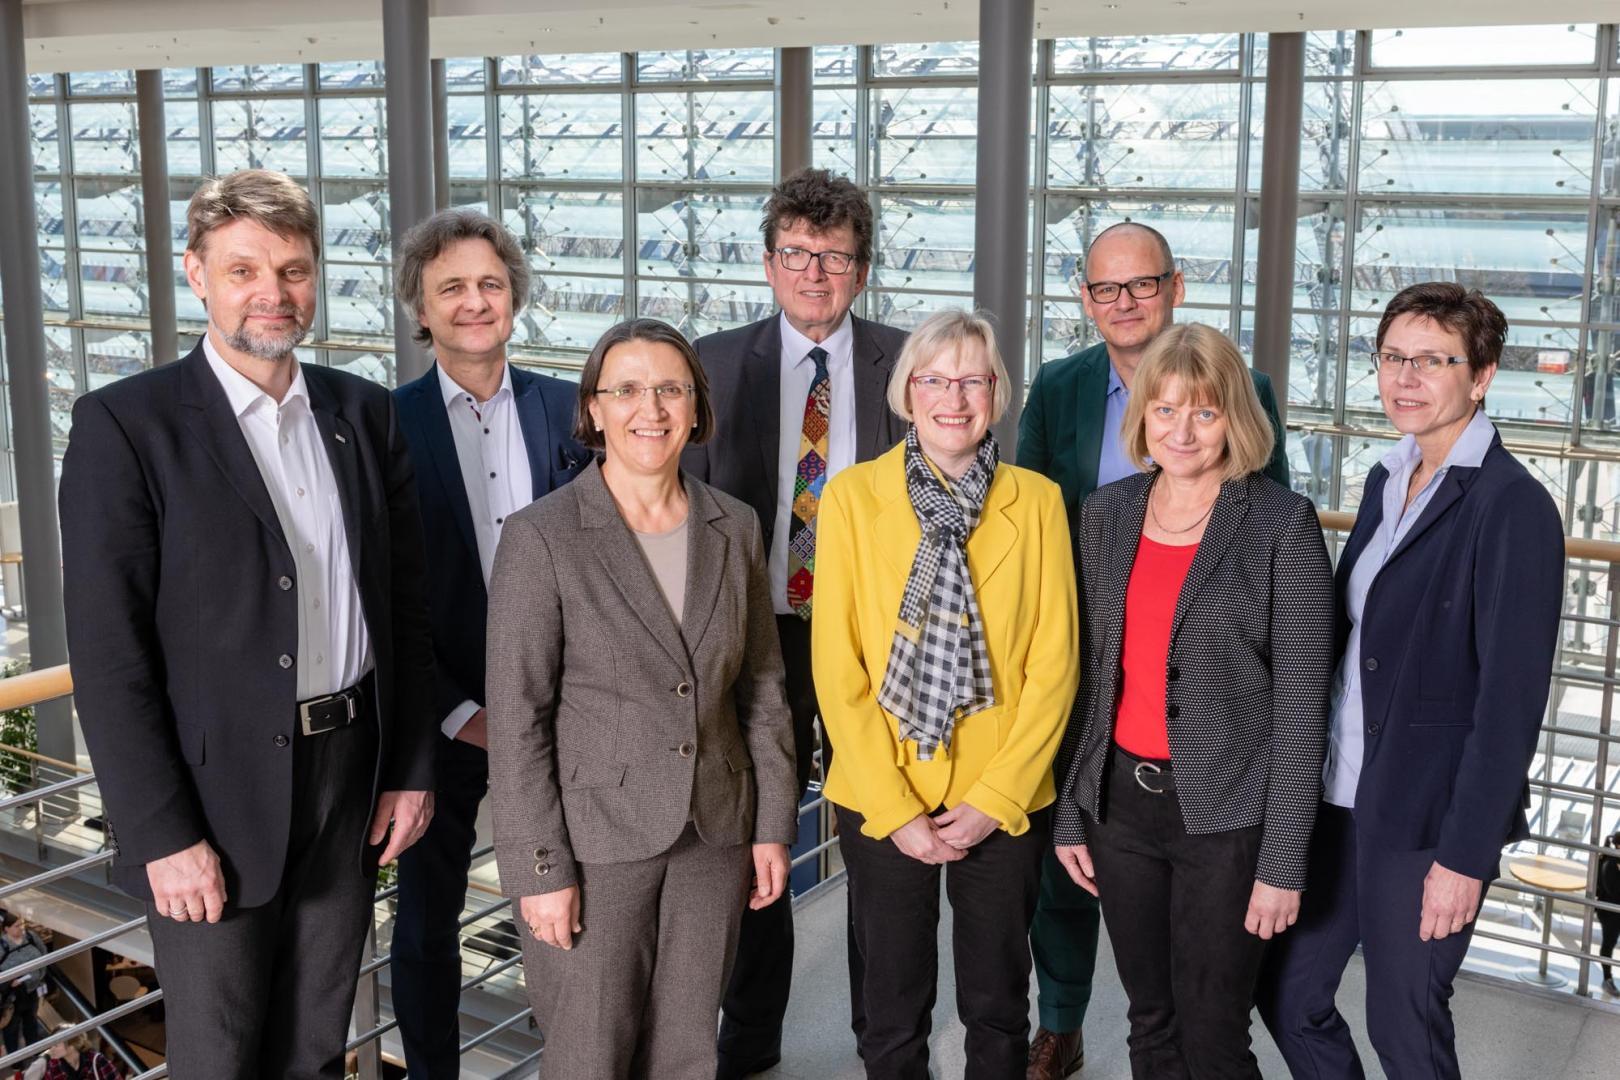 Gruppenfoto des Bundesvorstandes mit Präsidenten 2019 - 2022